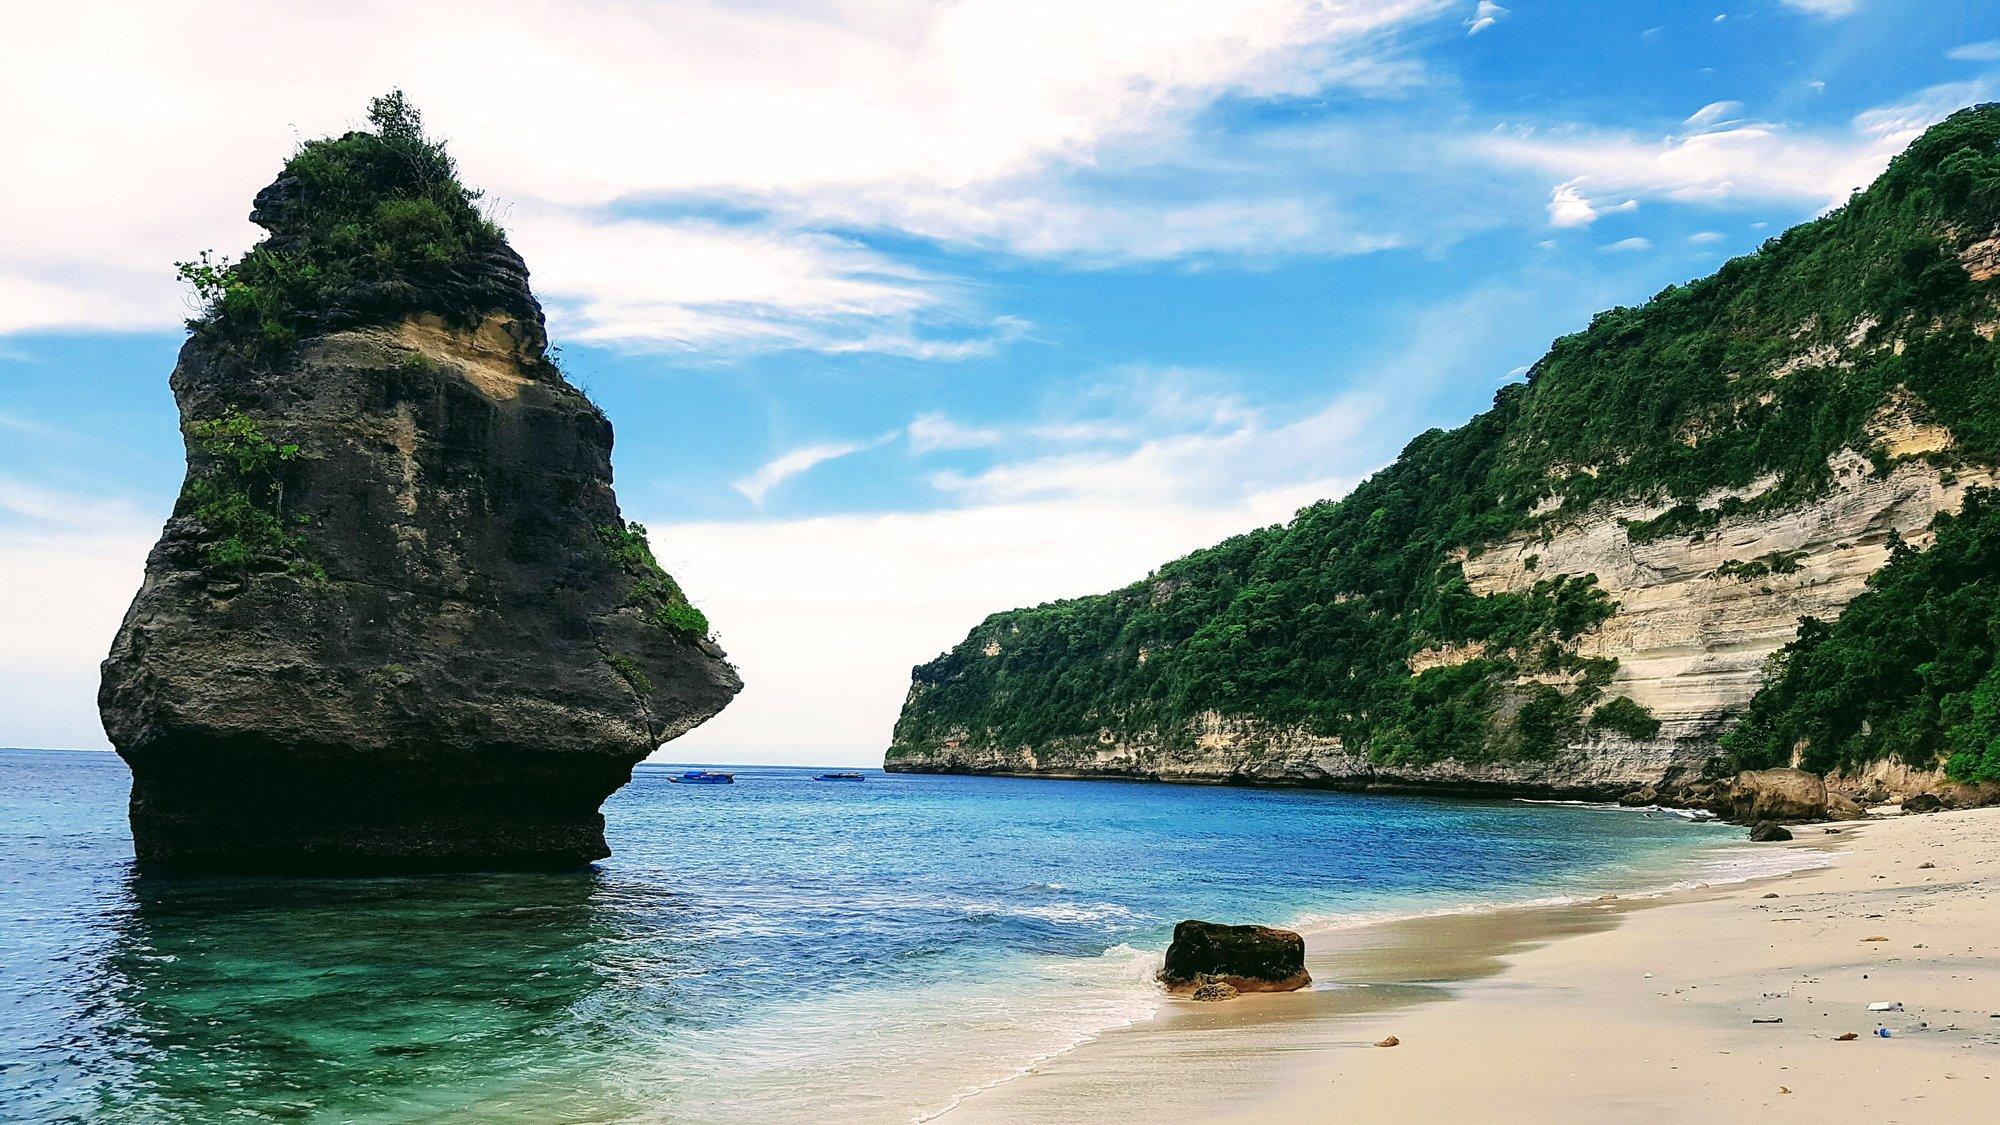 Suwehan Beach – cesta do ráje jen pro odvážné